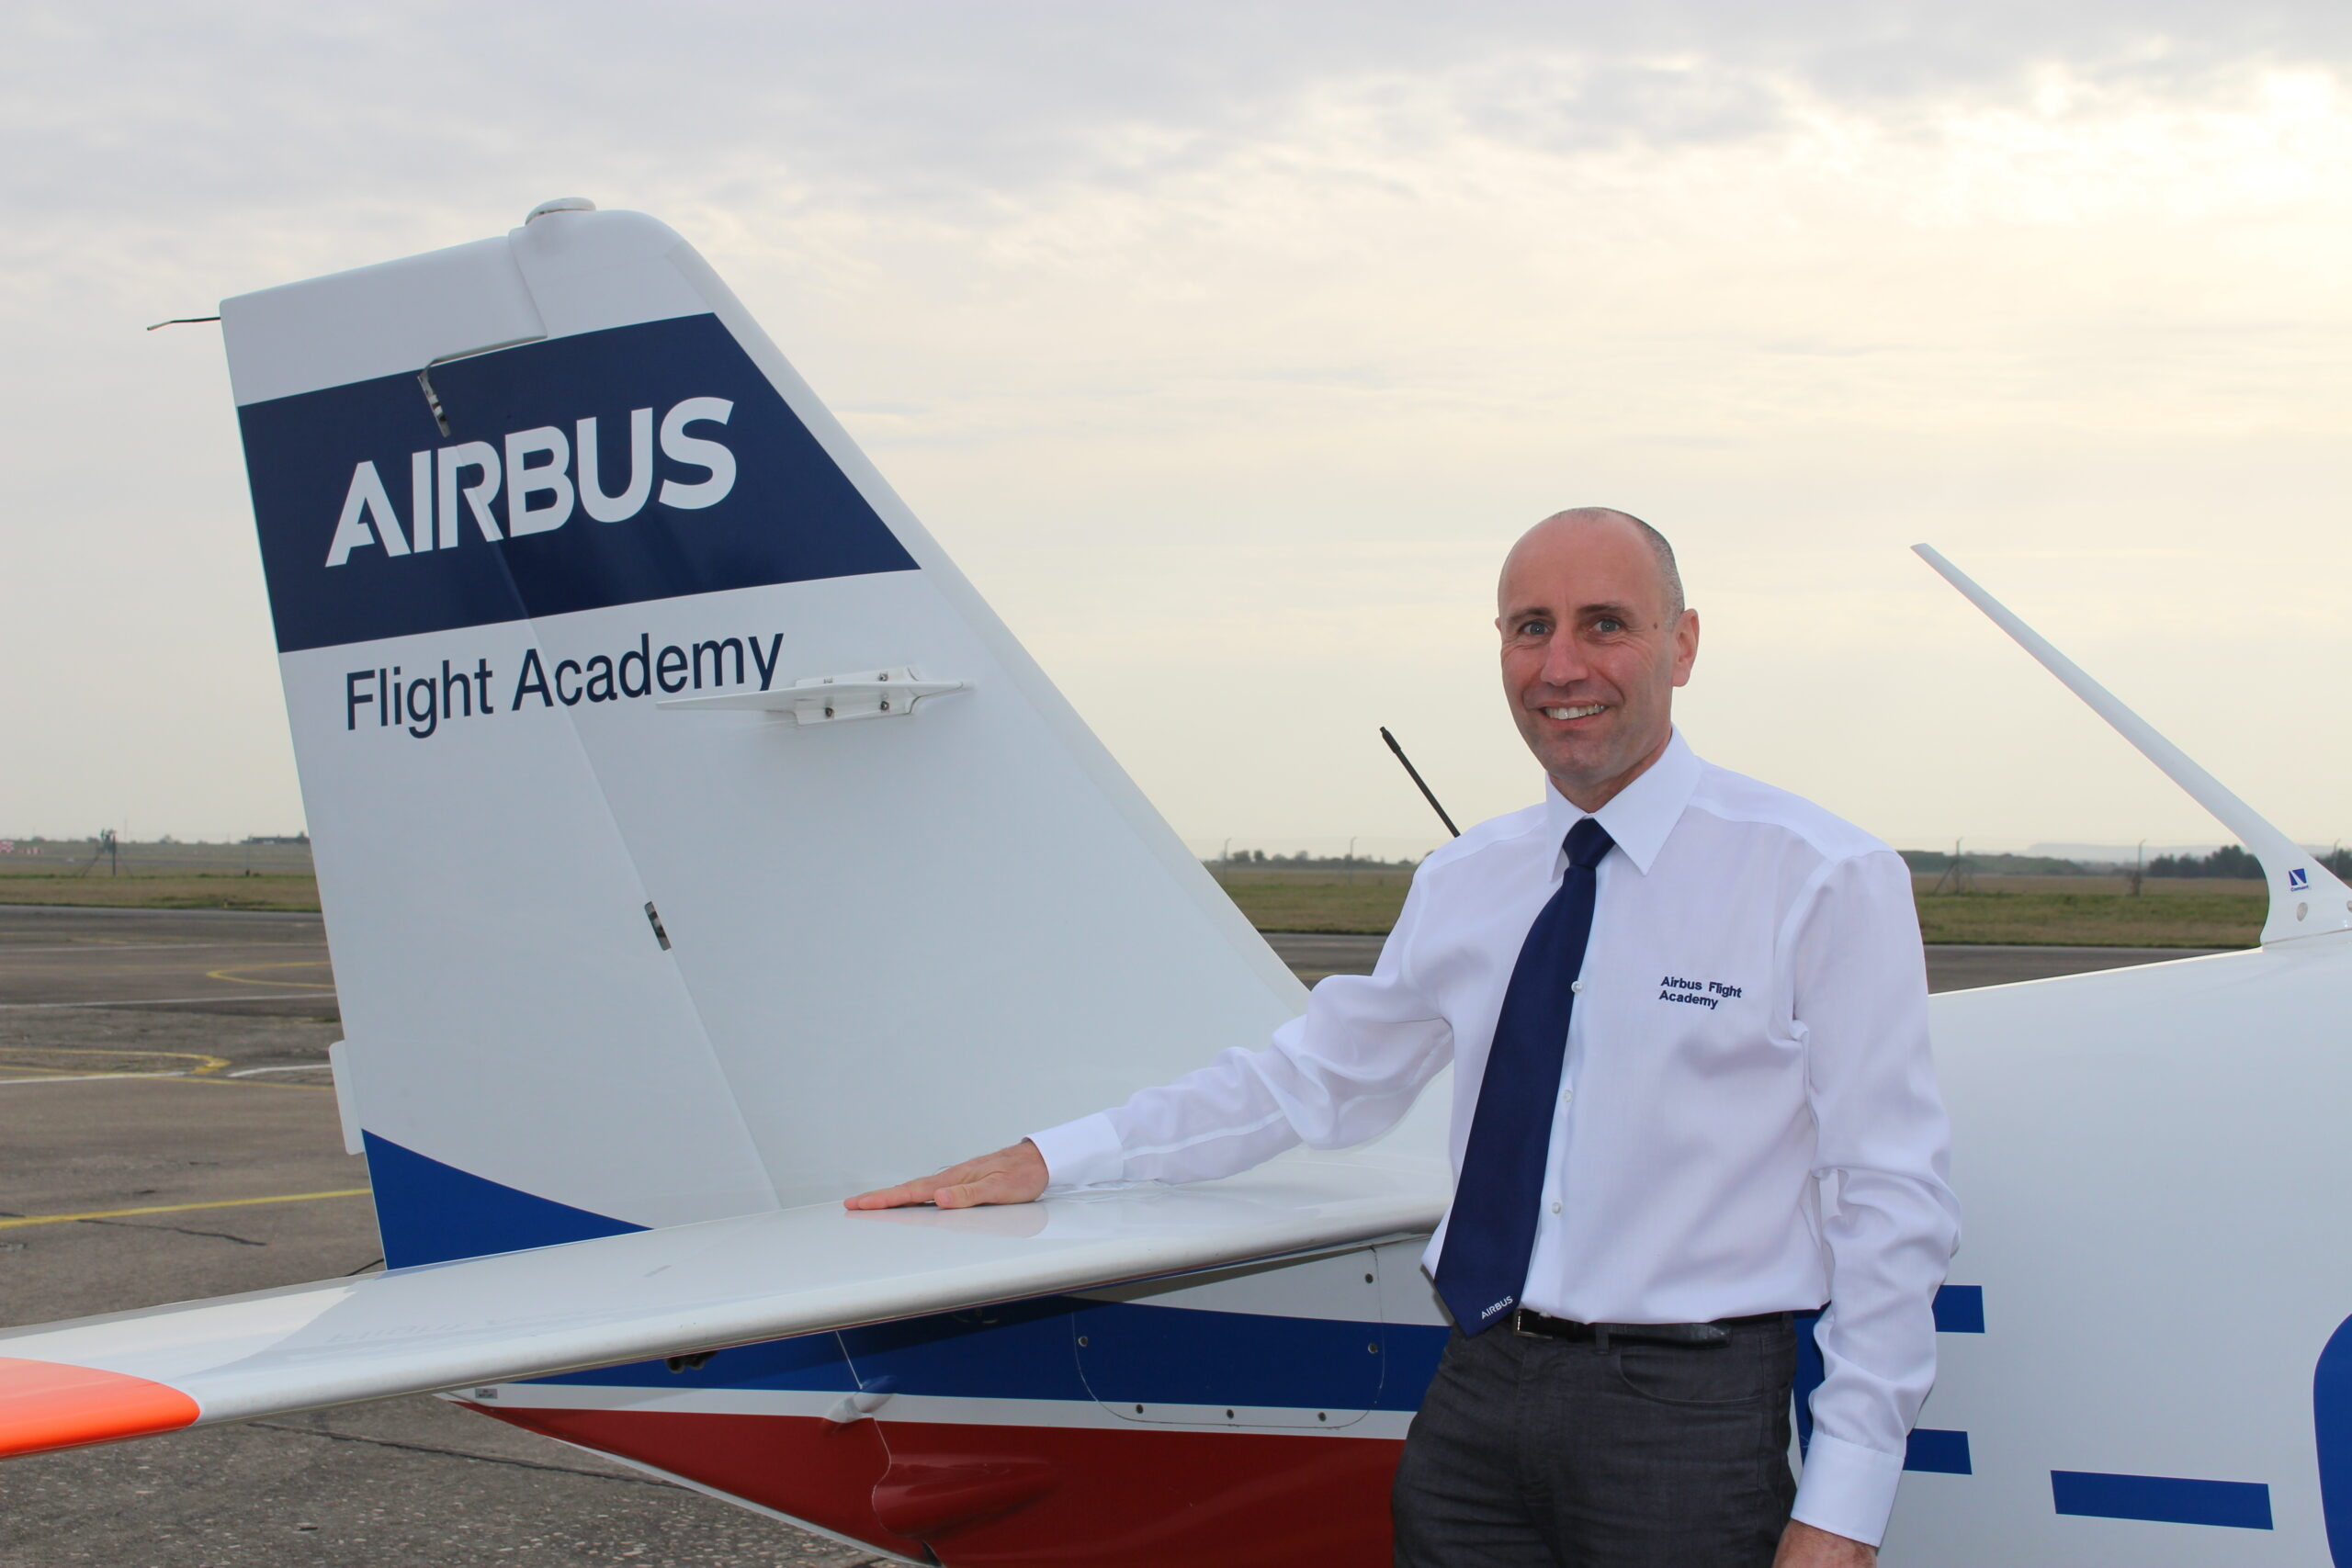 Frédéric Loyeau - Technical Director Airbus Flight Academy Europe